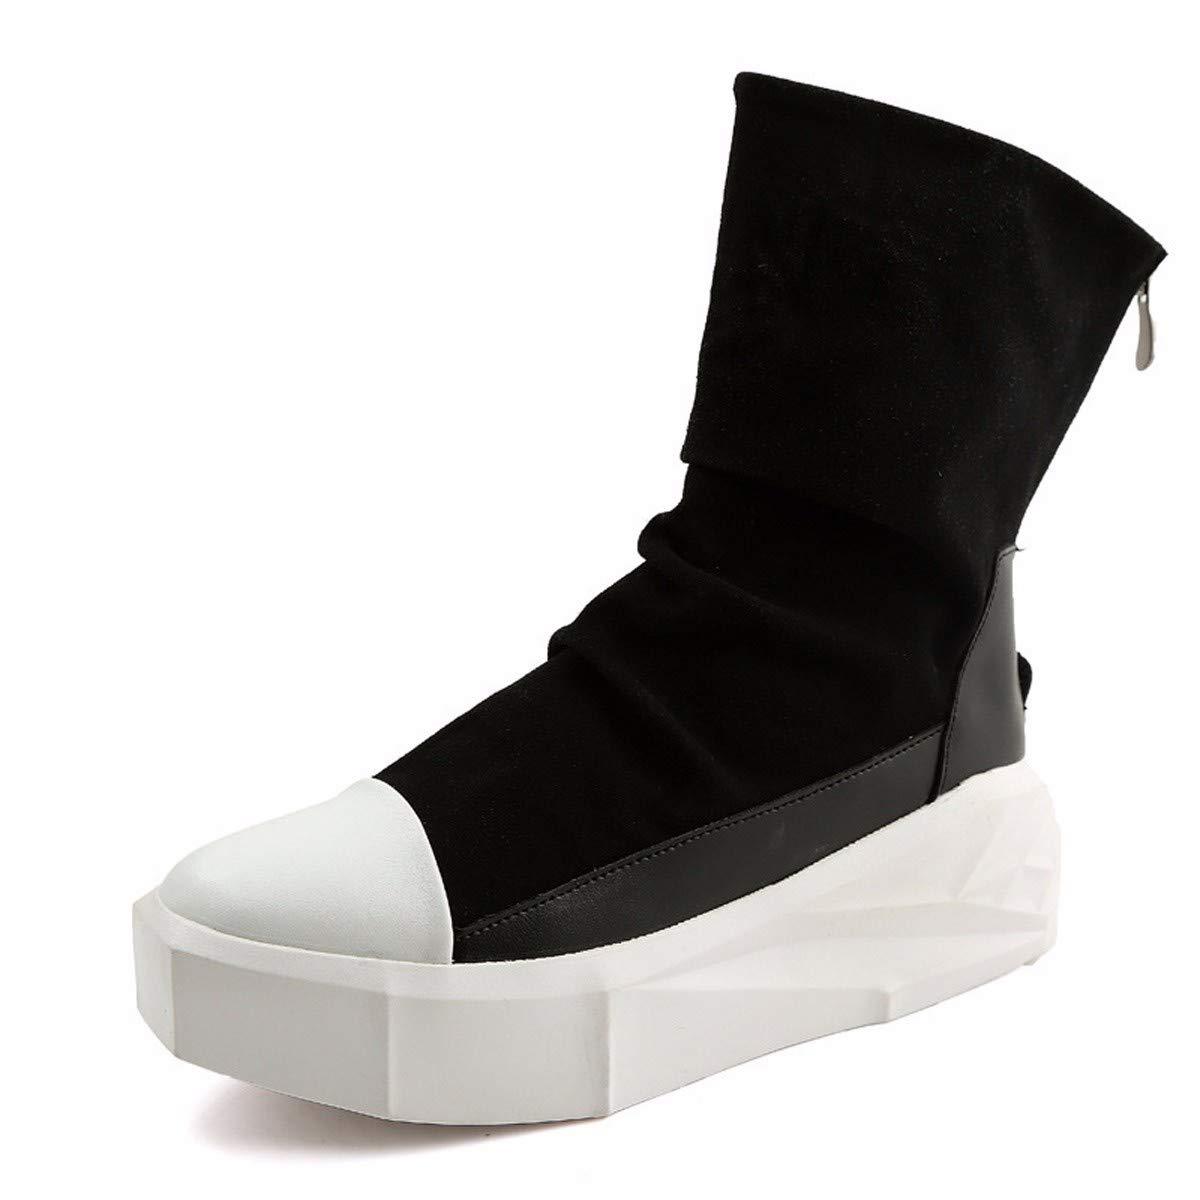 KMJBS-Hohe Schuhe Dicke Männer Schuhe Kuchen Schuhe Britische Studenten.